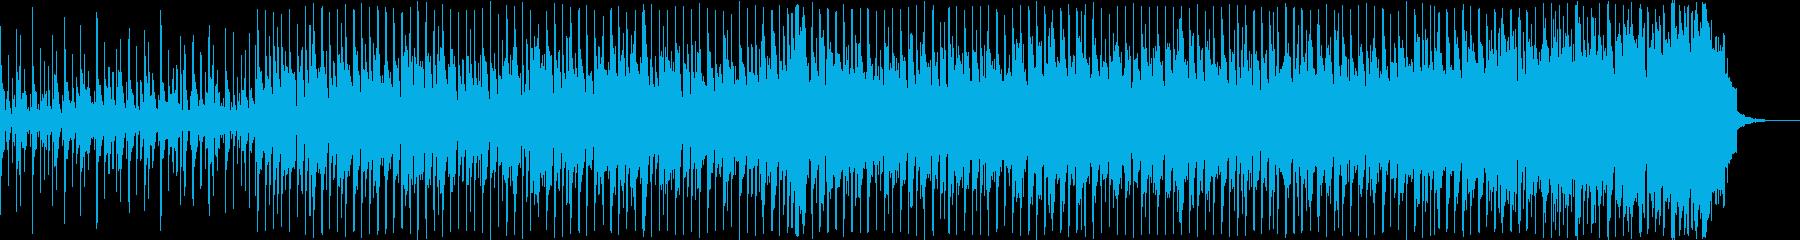 ピアノ、ギター、ベース、ドラム、ス...の再生済みの波形